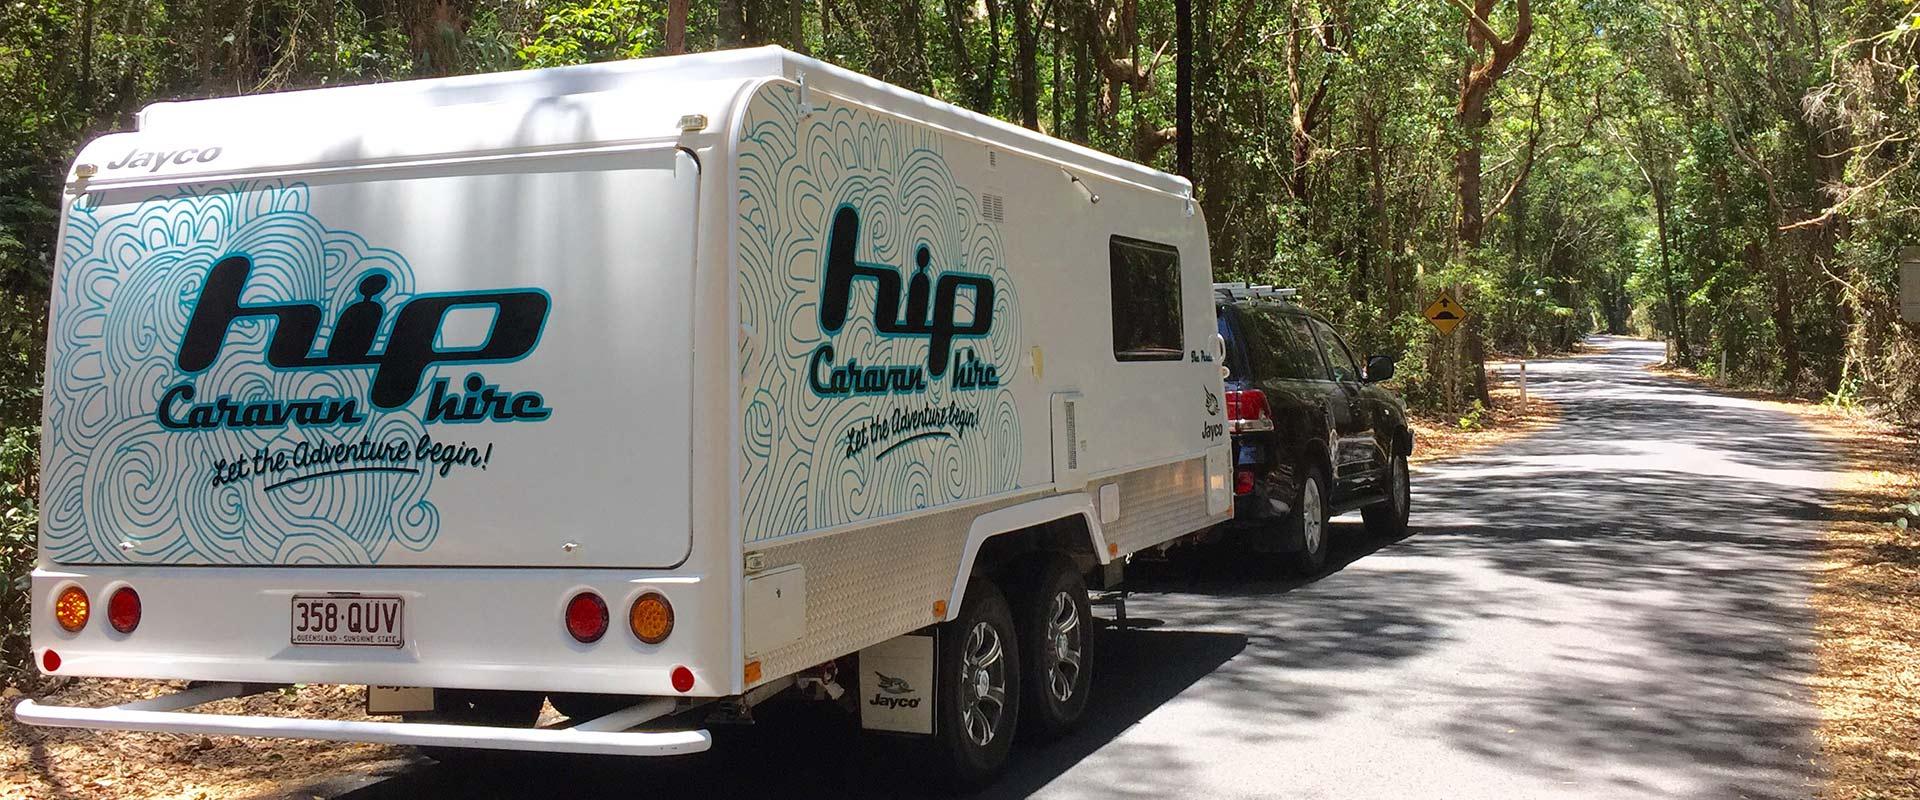 hook up and go caravan hire